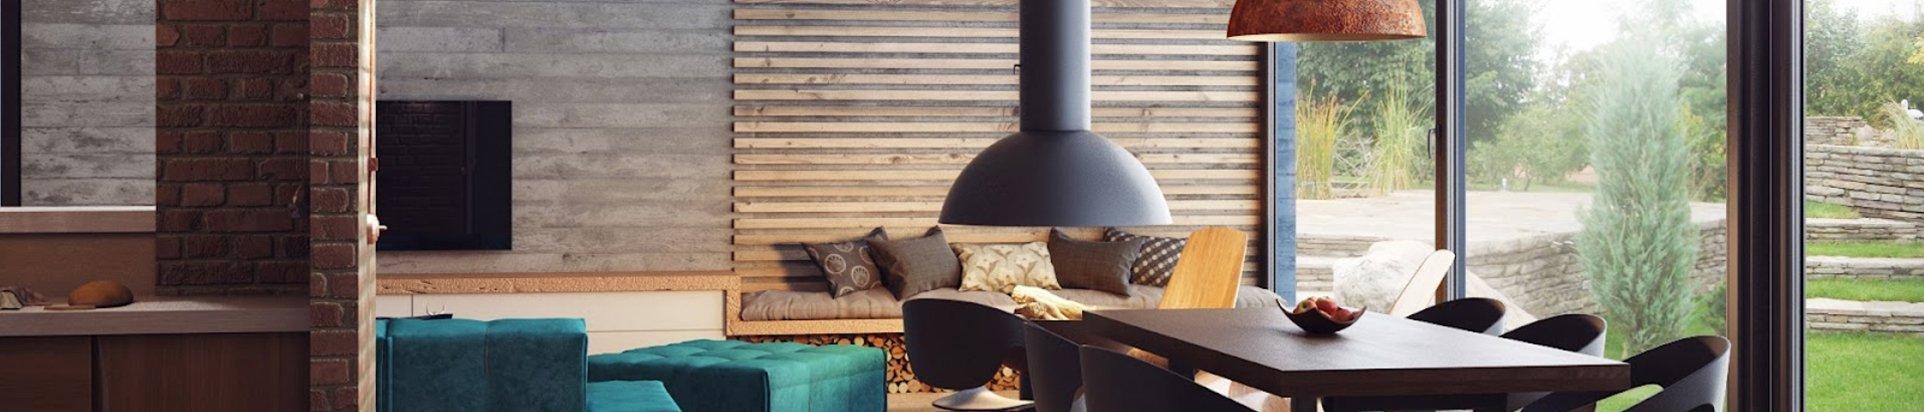 Уютные диваны и кресла